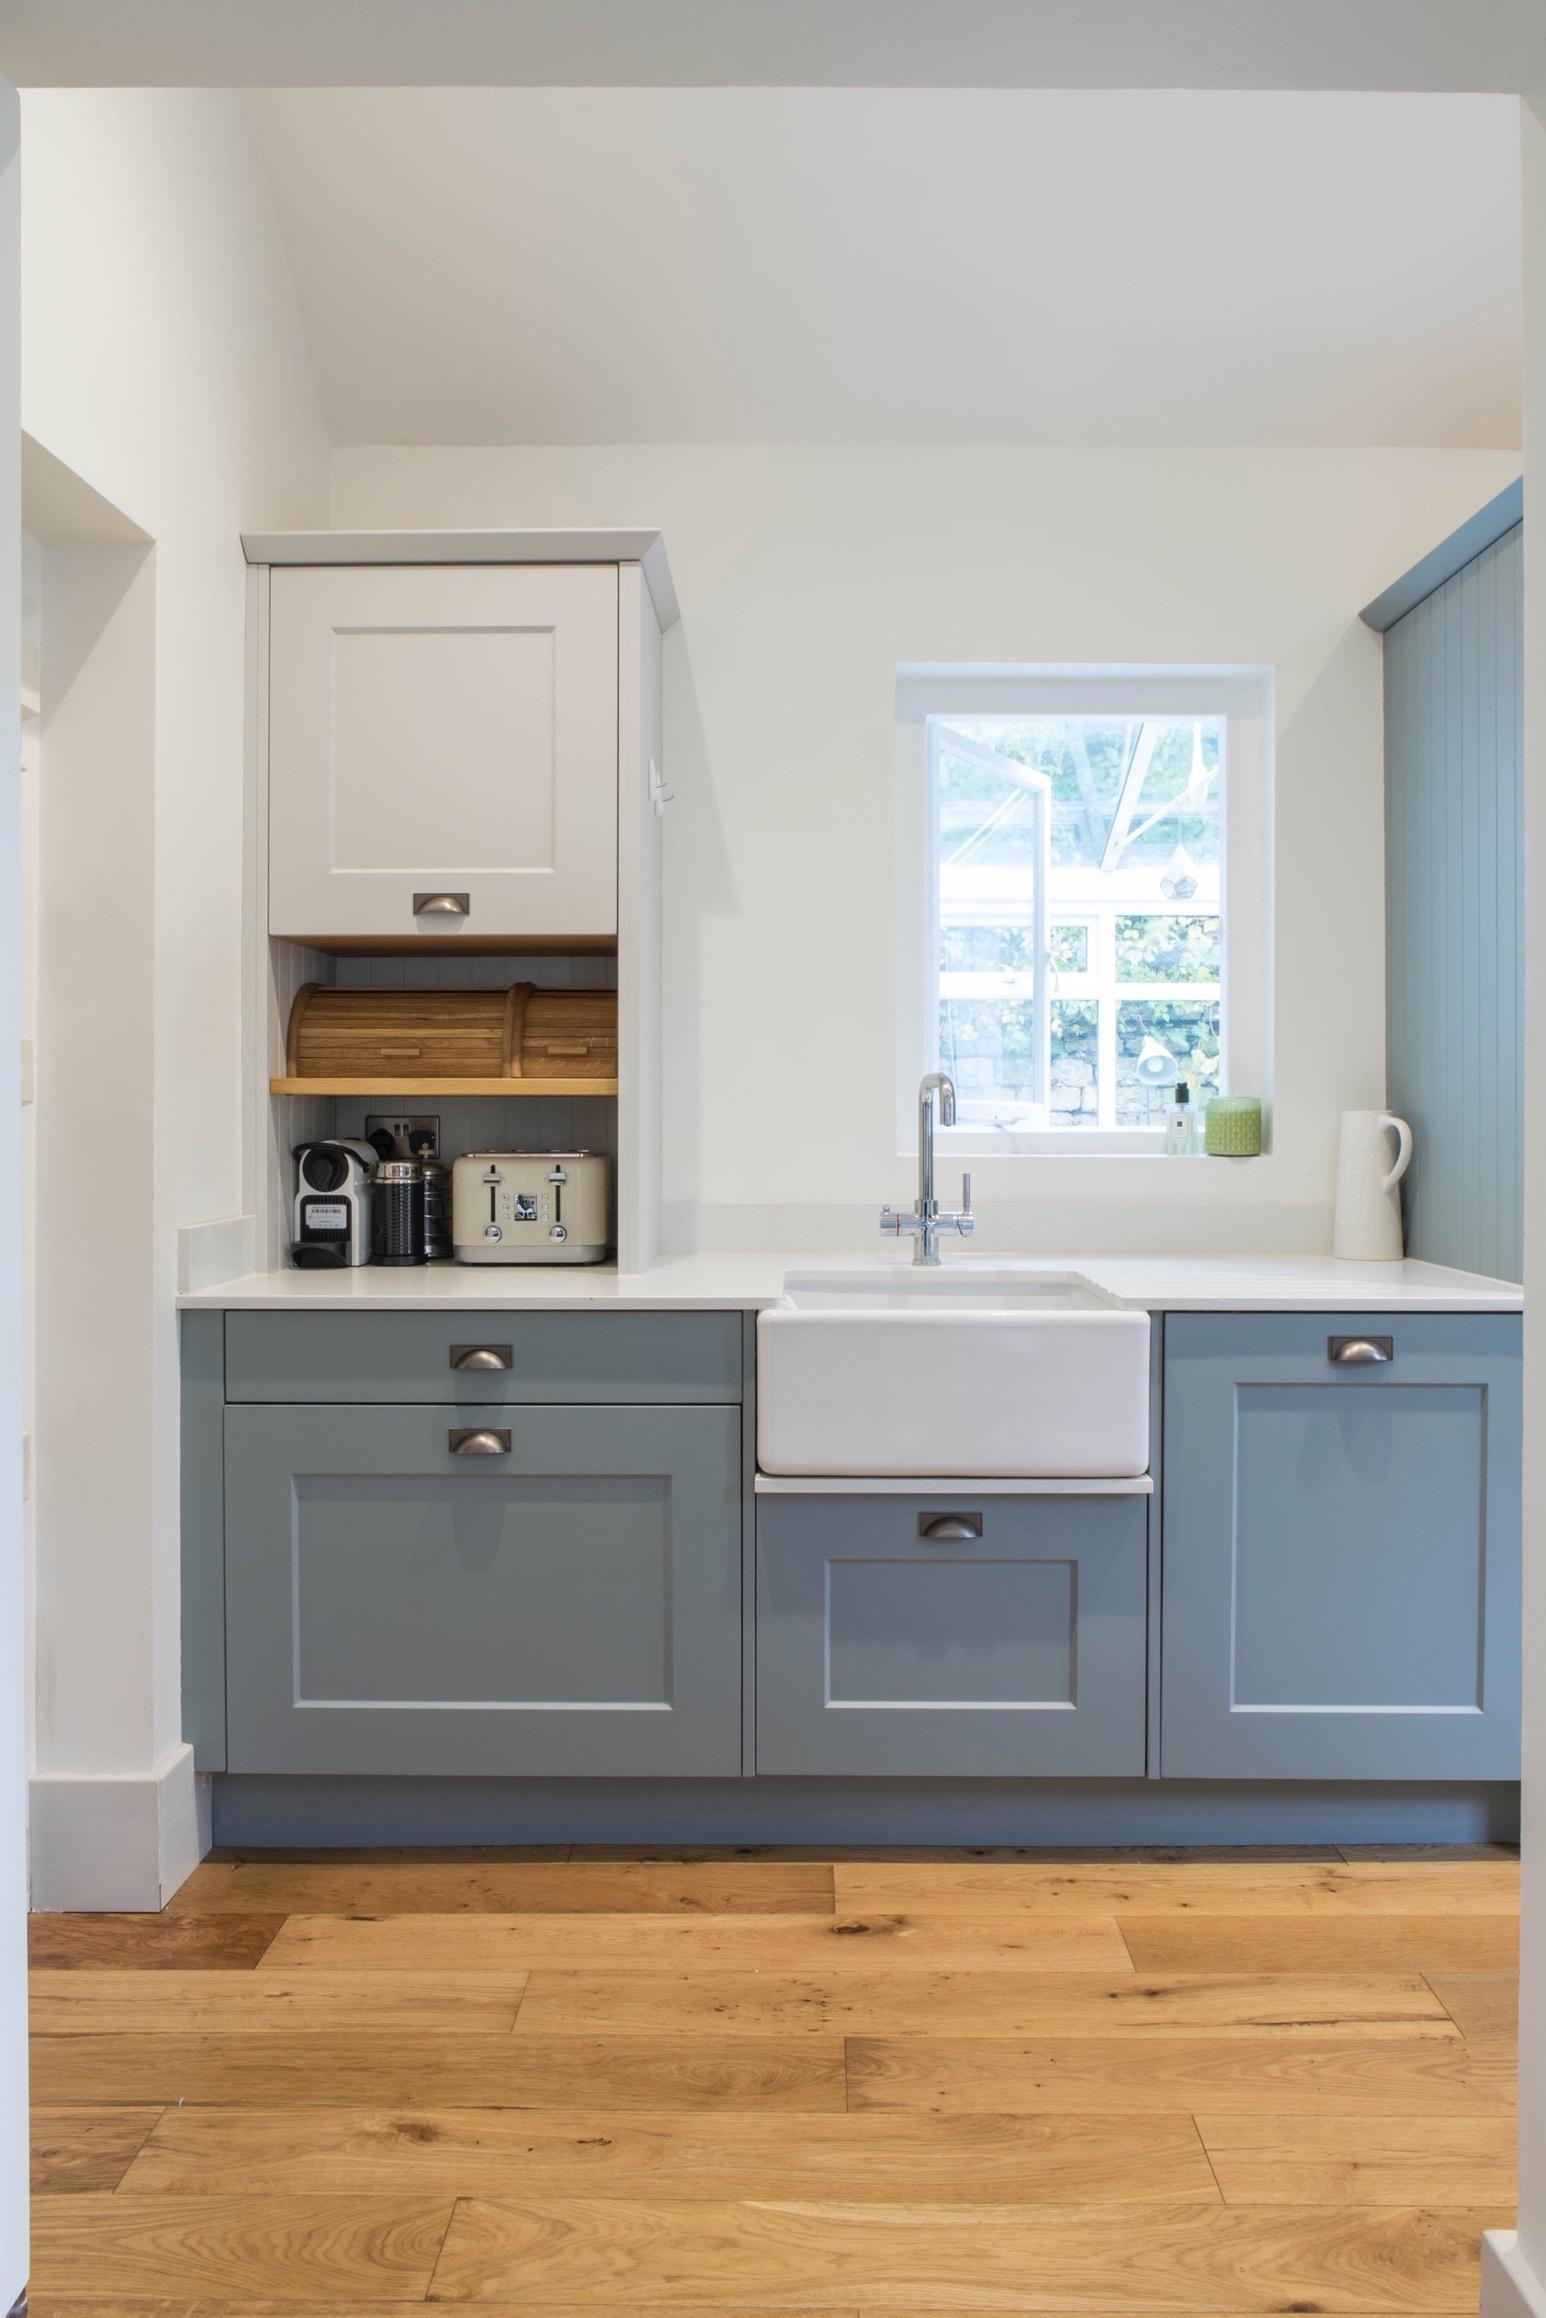 belfast sink worktop dresser thame bespoke kitchen design oxfordshire 1